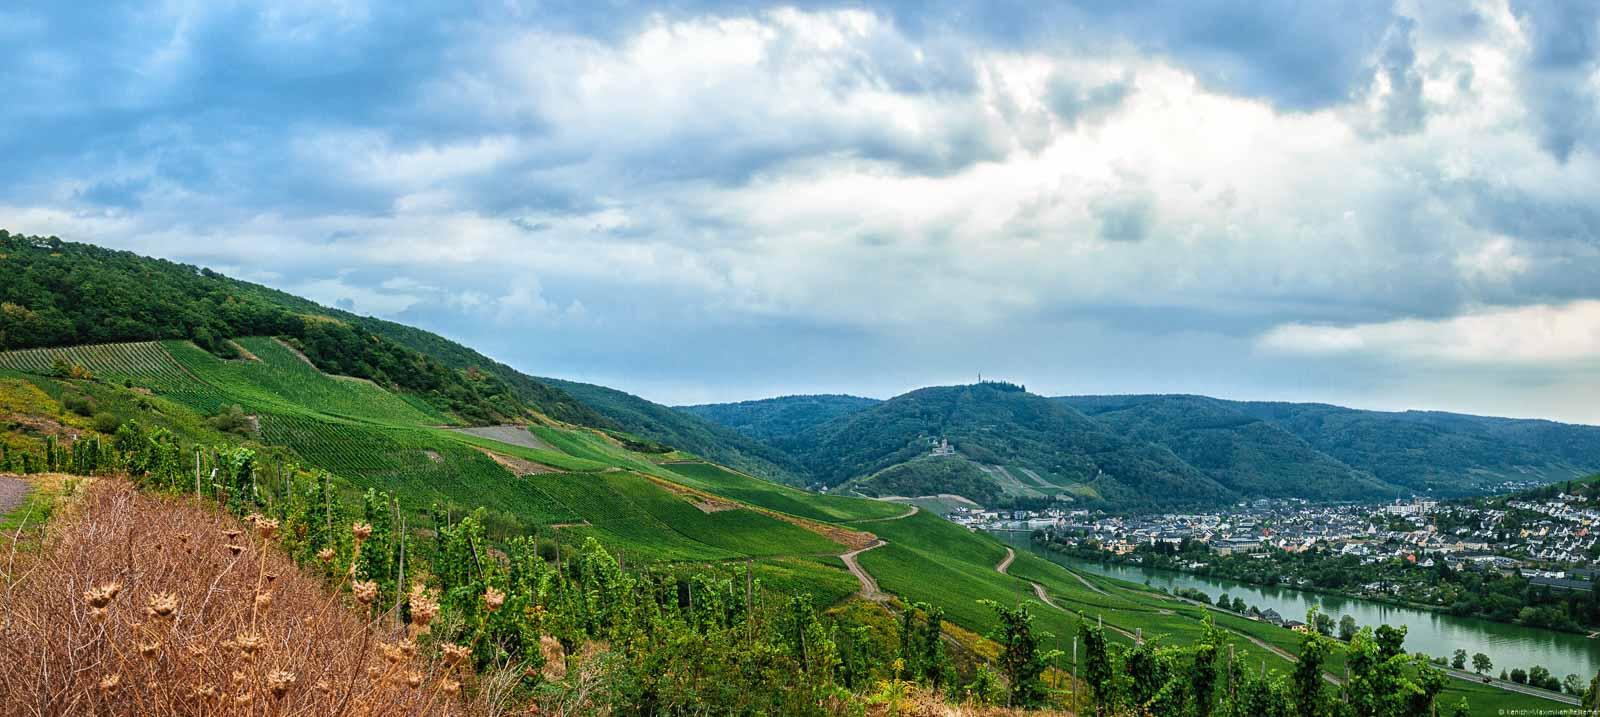 Man blickt auf den Weinberg Bernkasteler Johannisbrünnchen. Unten rechts fließt die Mosel. An den Ufern der Mosel befinden sich die Häuser des Ortes Bernkastel-Kues. Dort liegt auch die Burg Landshut auf einem Hügel. Im Hintergrund sind bewaldete Hügel, und große Wolken am Himmel.